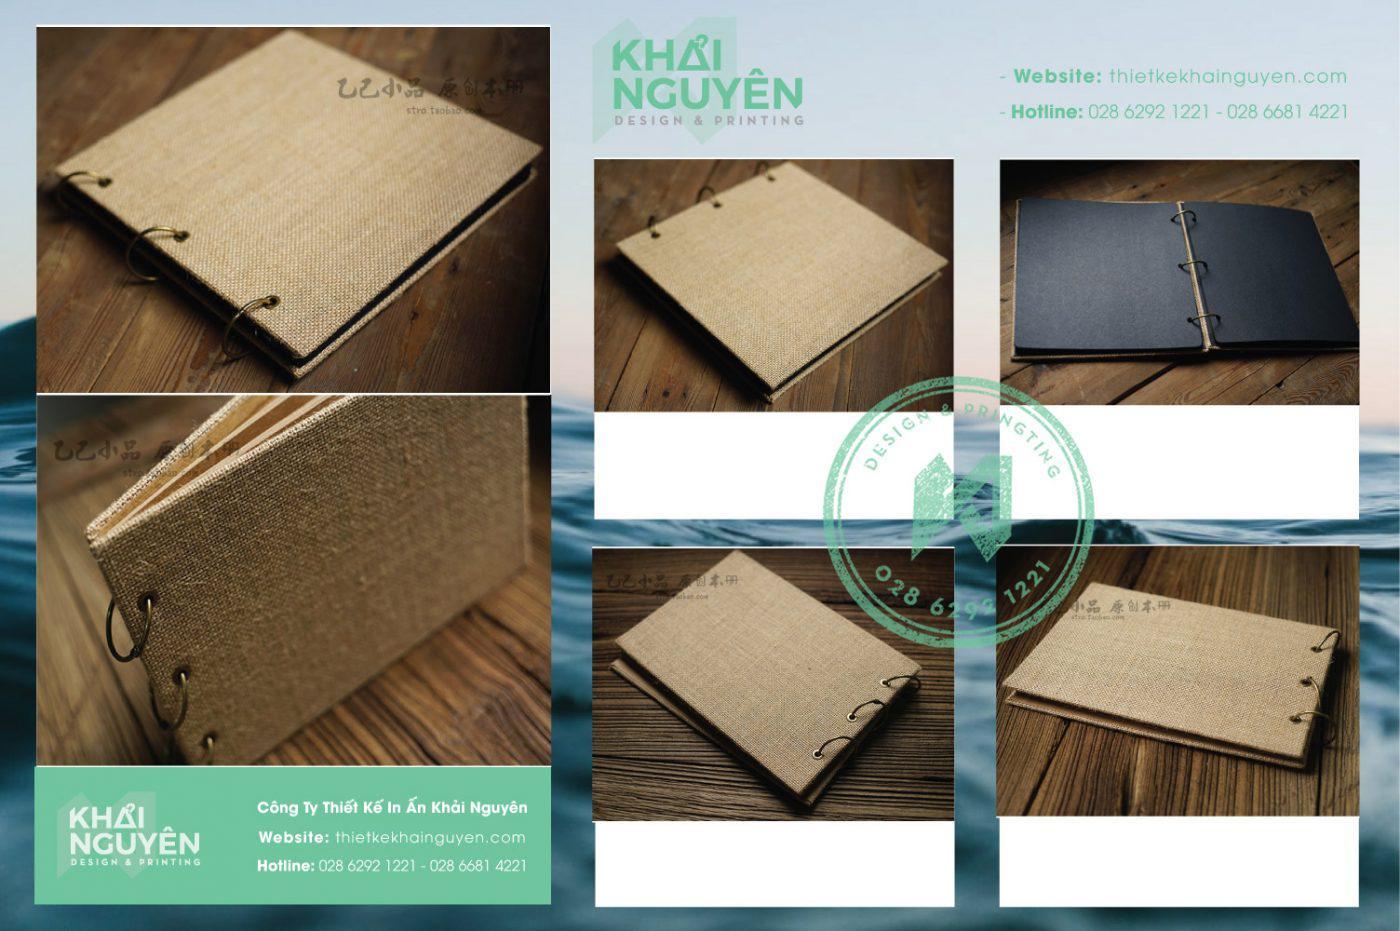 Bìa menu vải đóng còng khoen tiện dụng